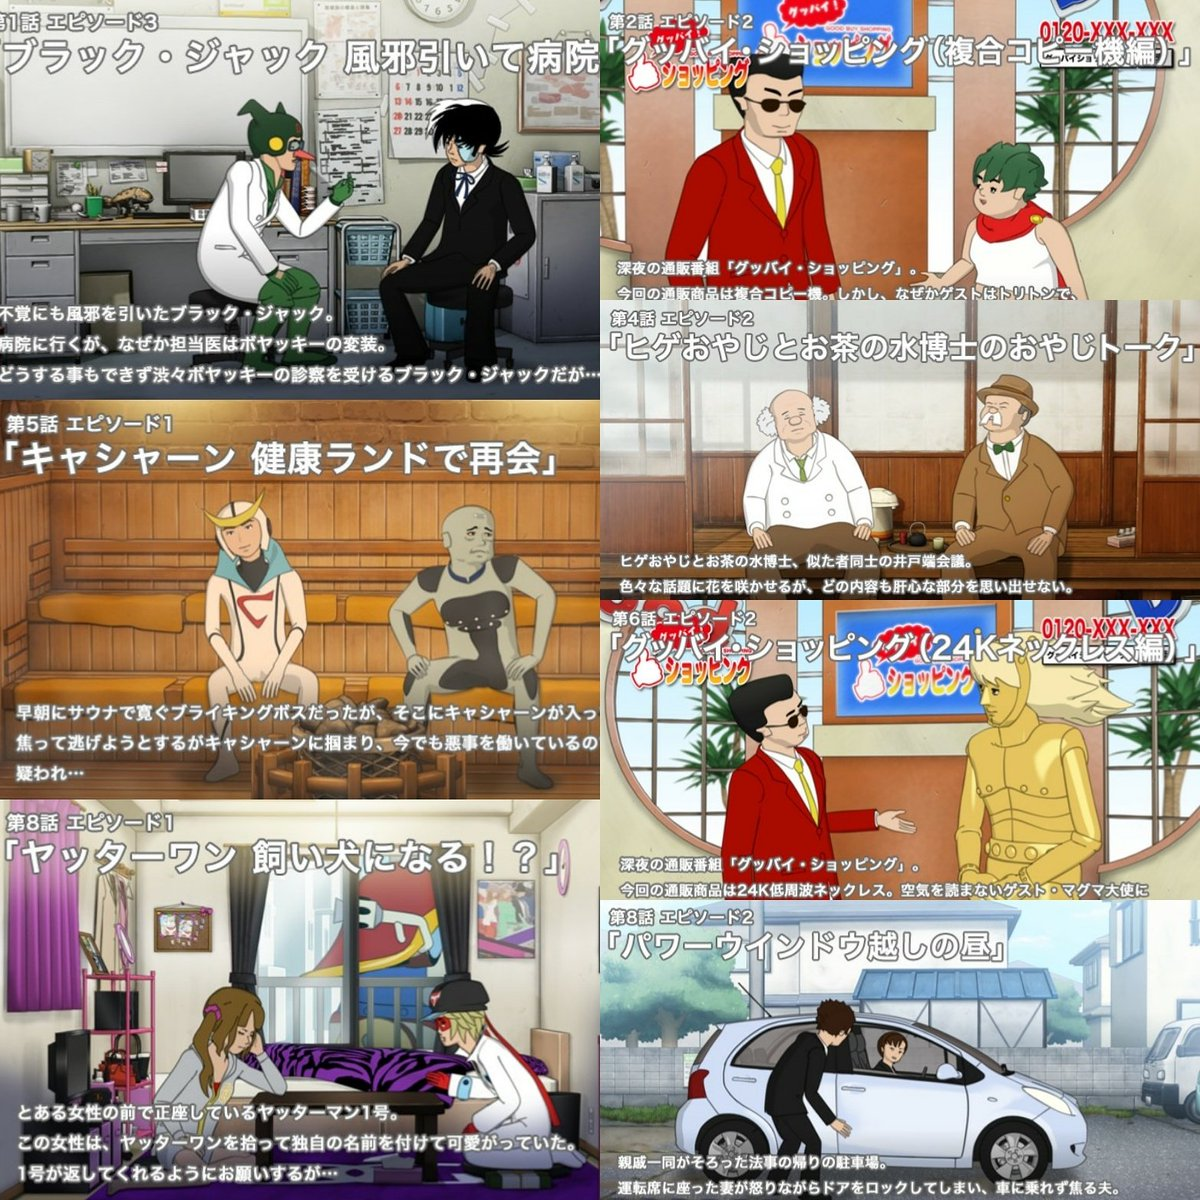 余談ですが、テレビ神奈川様で本日25時放送「Peeping Life TVシーズン1??」第11話にて私の出番は全て終了